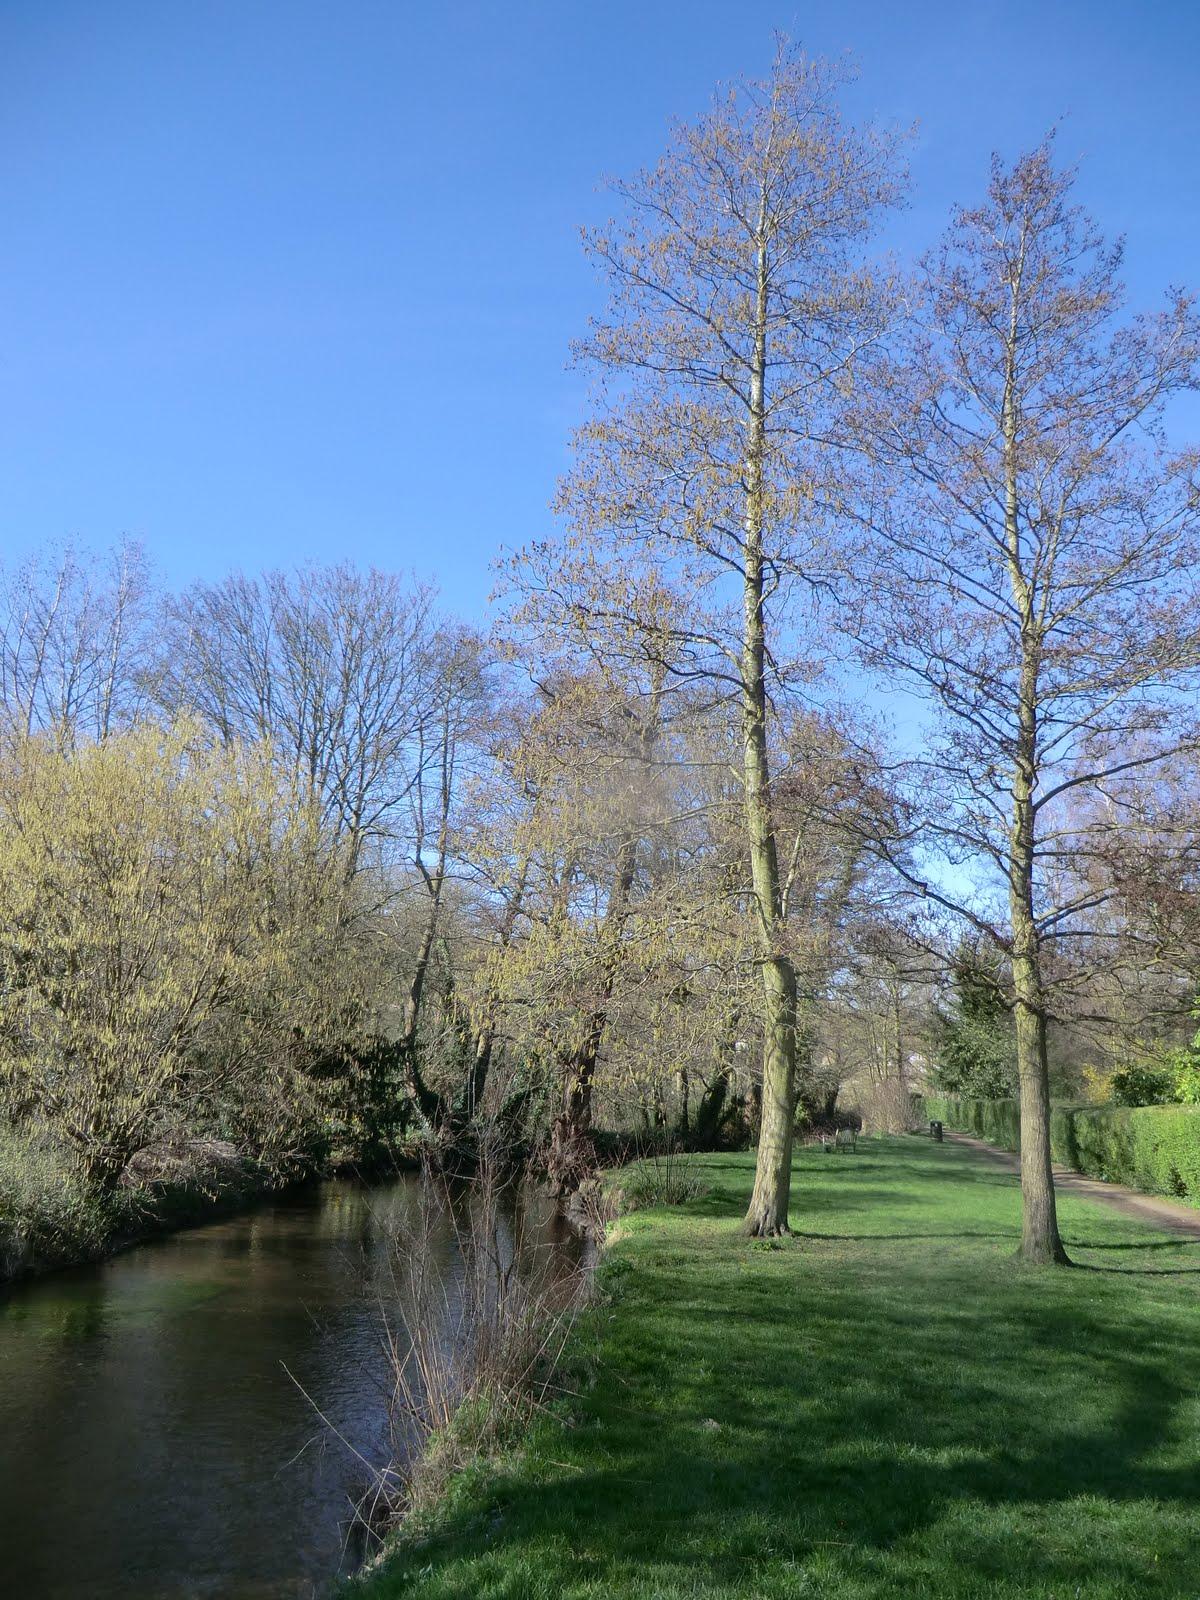 CIMG9108 River Darent in Shoreham